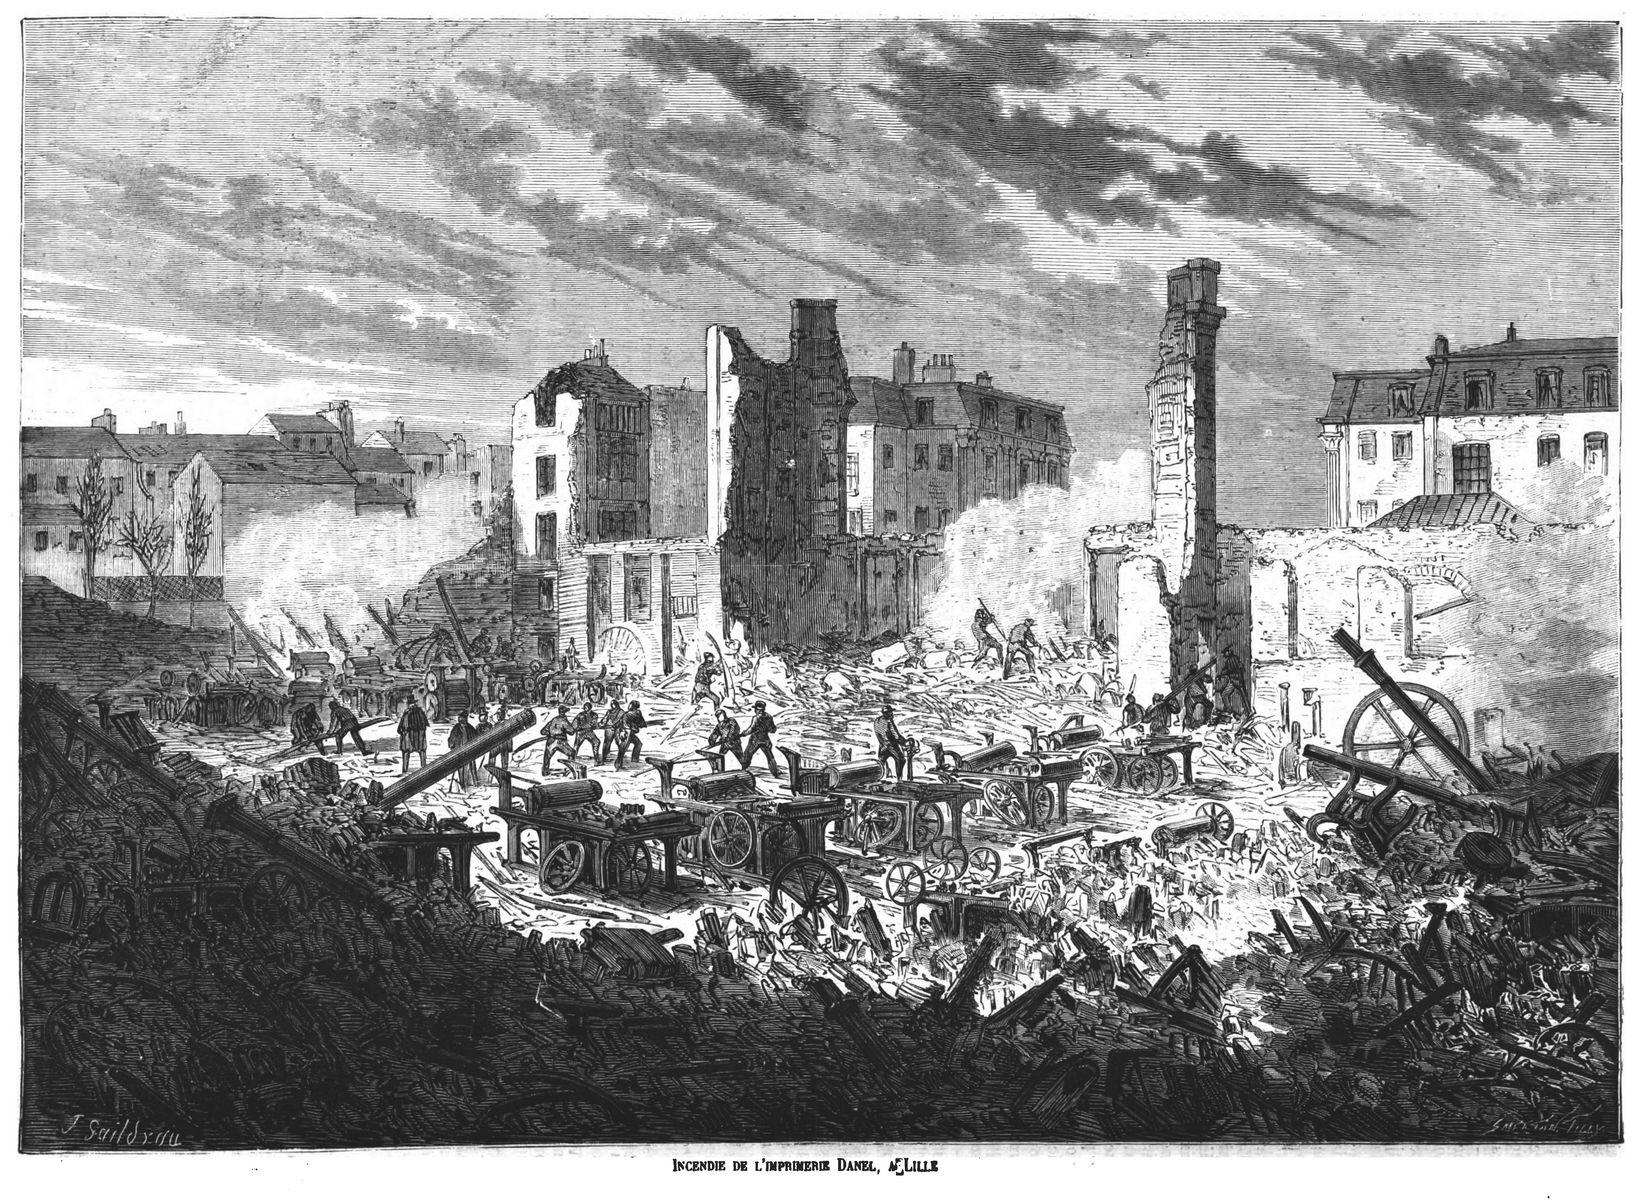 Incendie de l'imprimerie L. Danel, à Lille